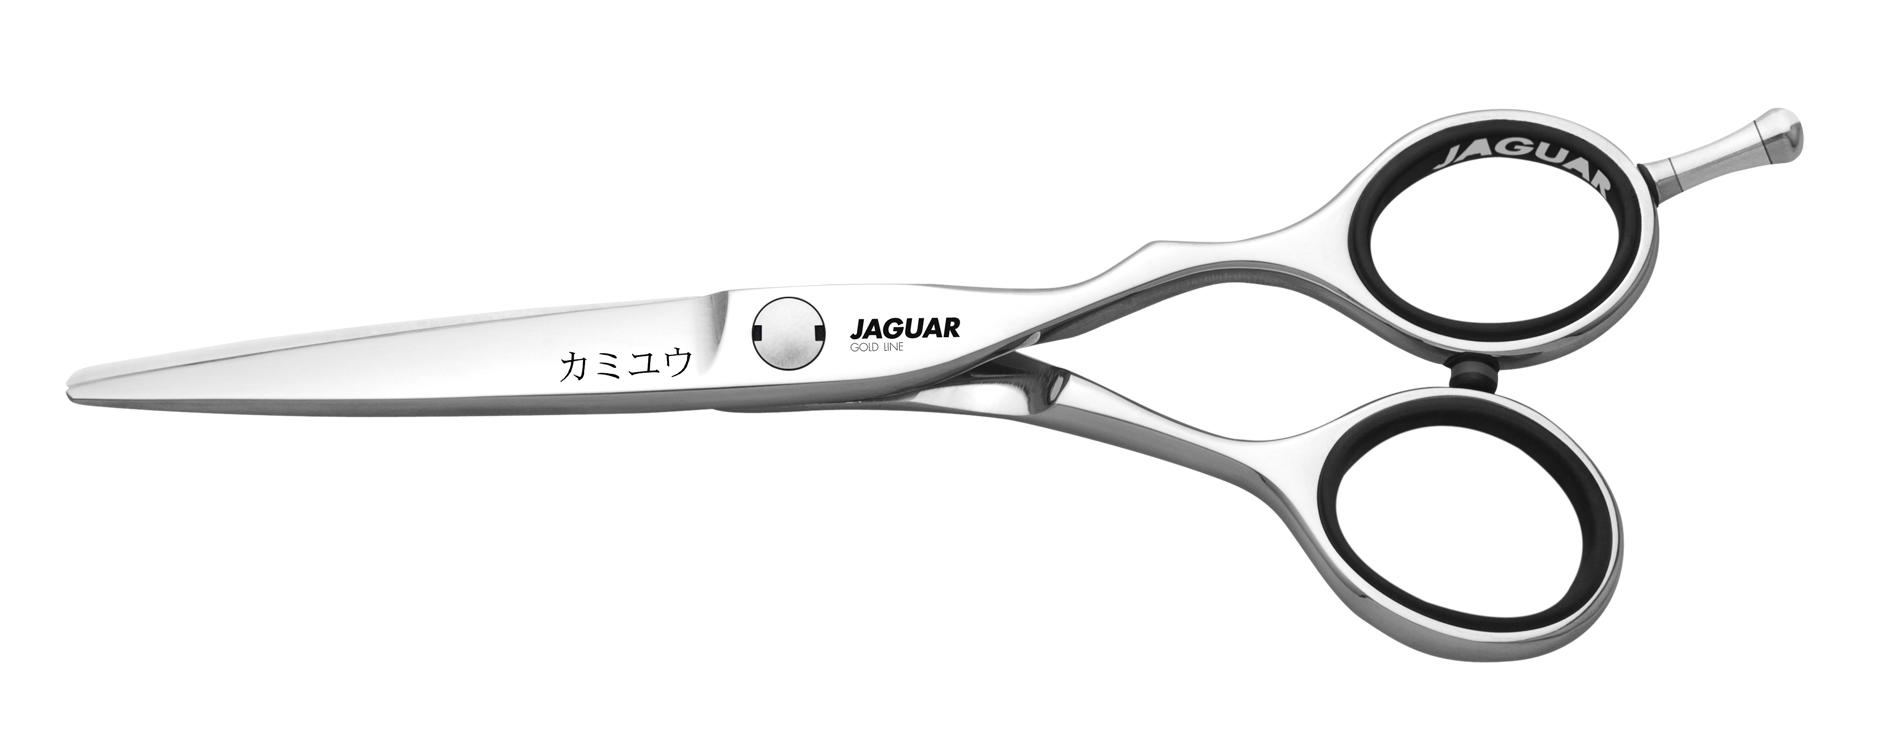 JAGUAR Ножницы Kamiyu 5.75' **** jaguar ножницы jaguar silence 6 15 5cm gl